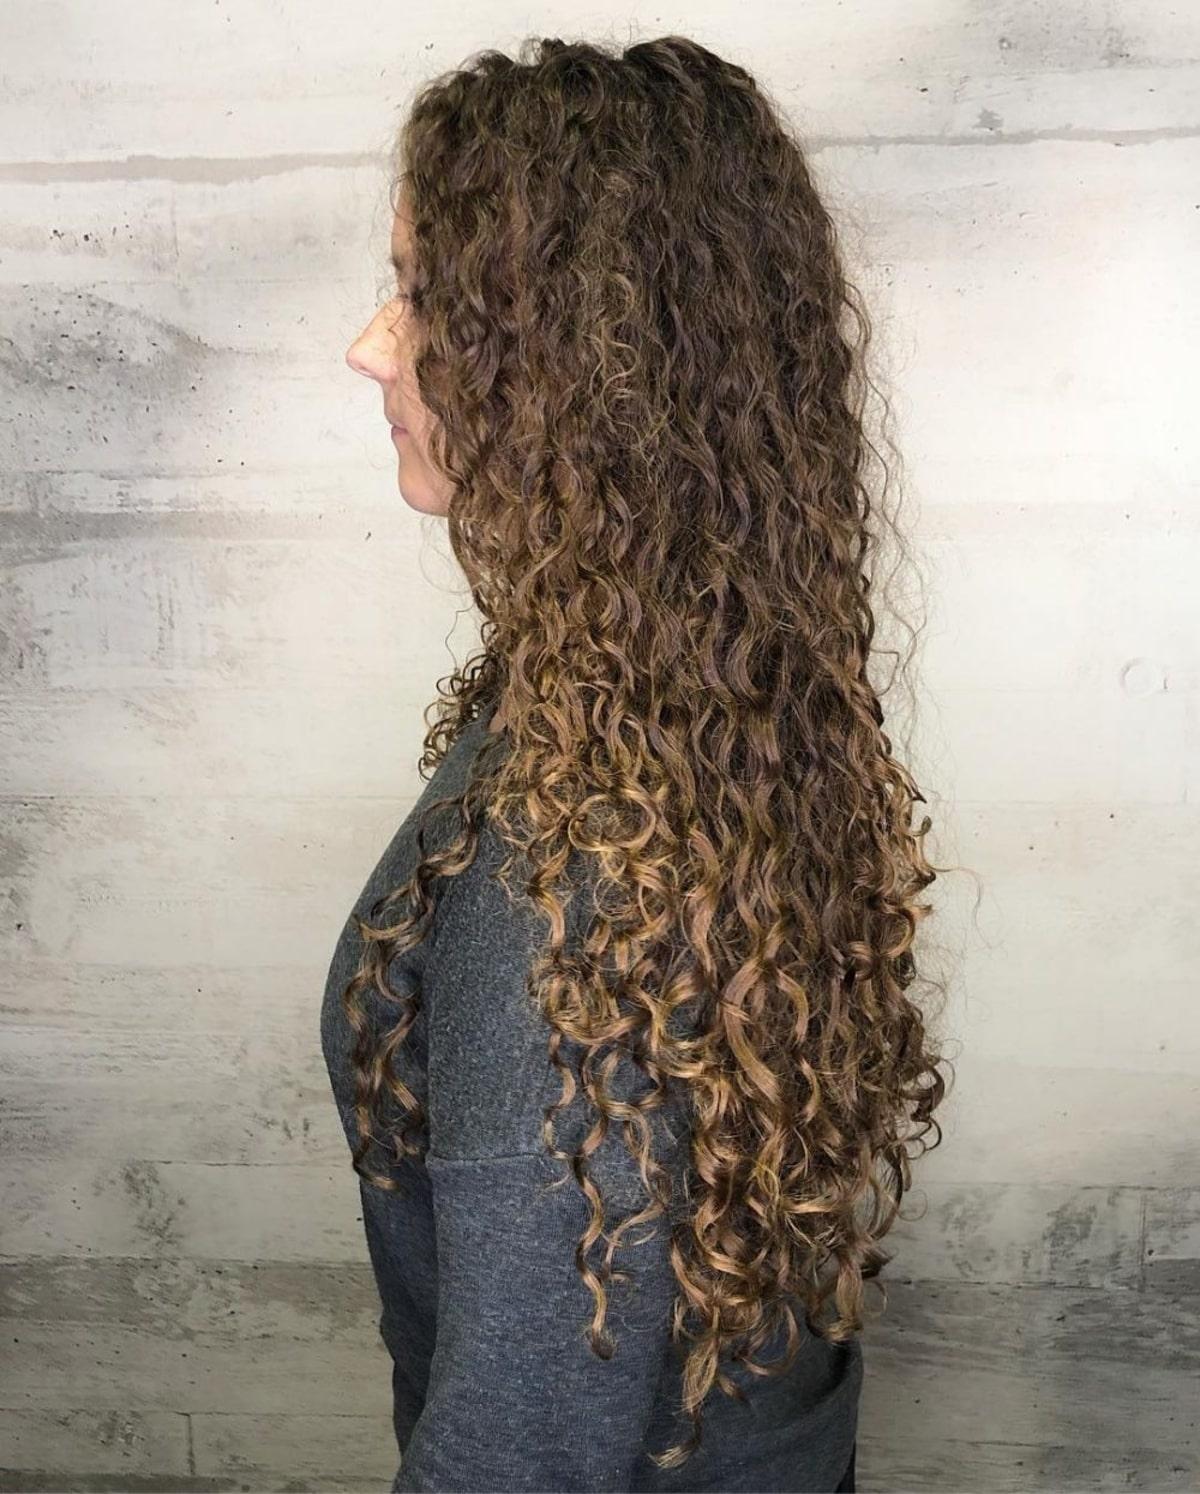 permanente spirale de boucles lâches sur cheveux longs